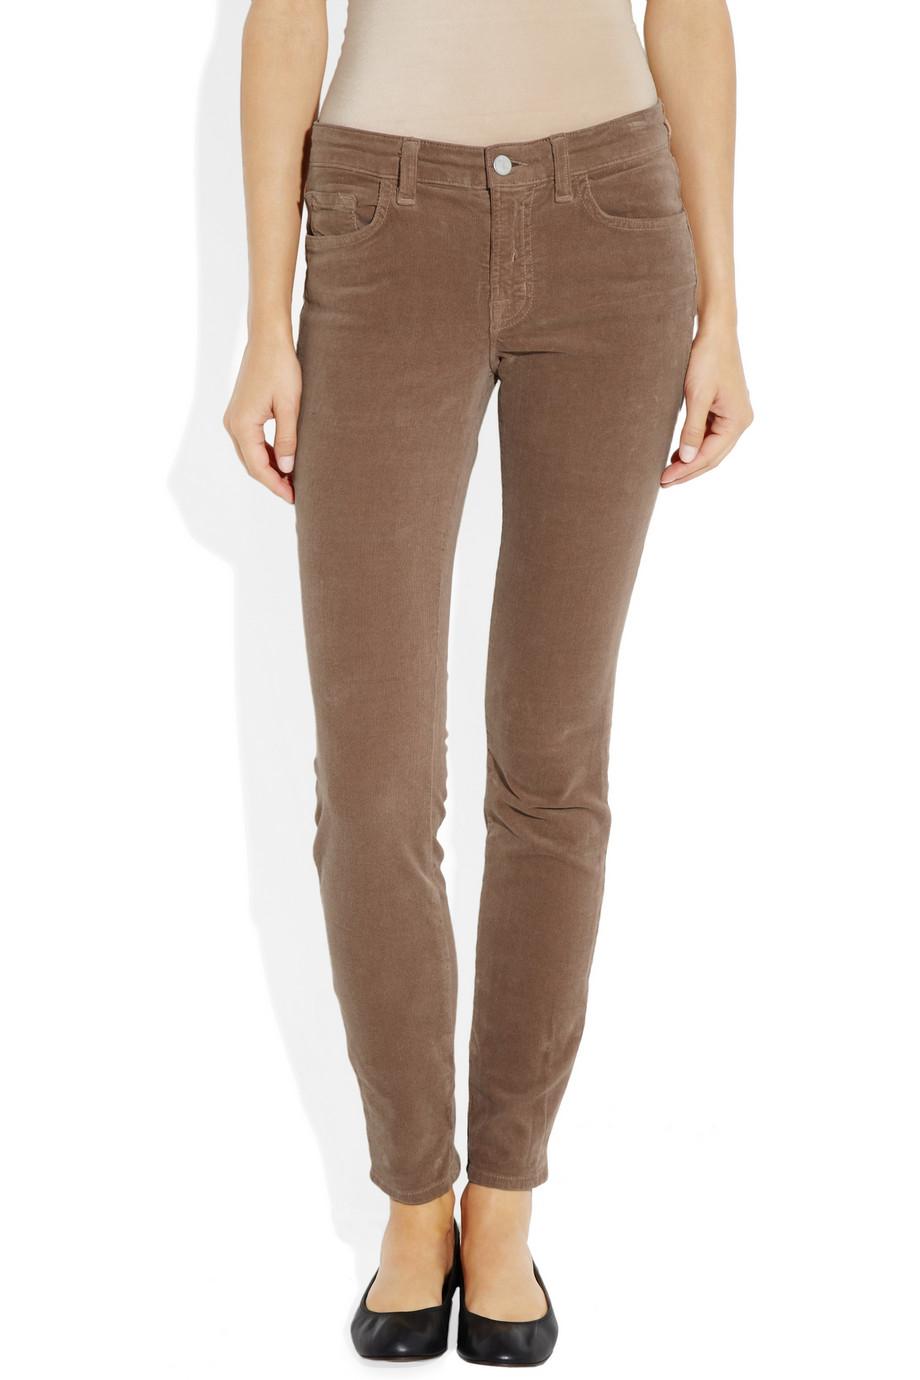 J brand 511 Midrise Corduroy Skinny Jeans in Brown  Lyst